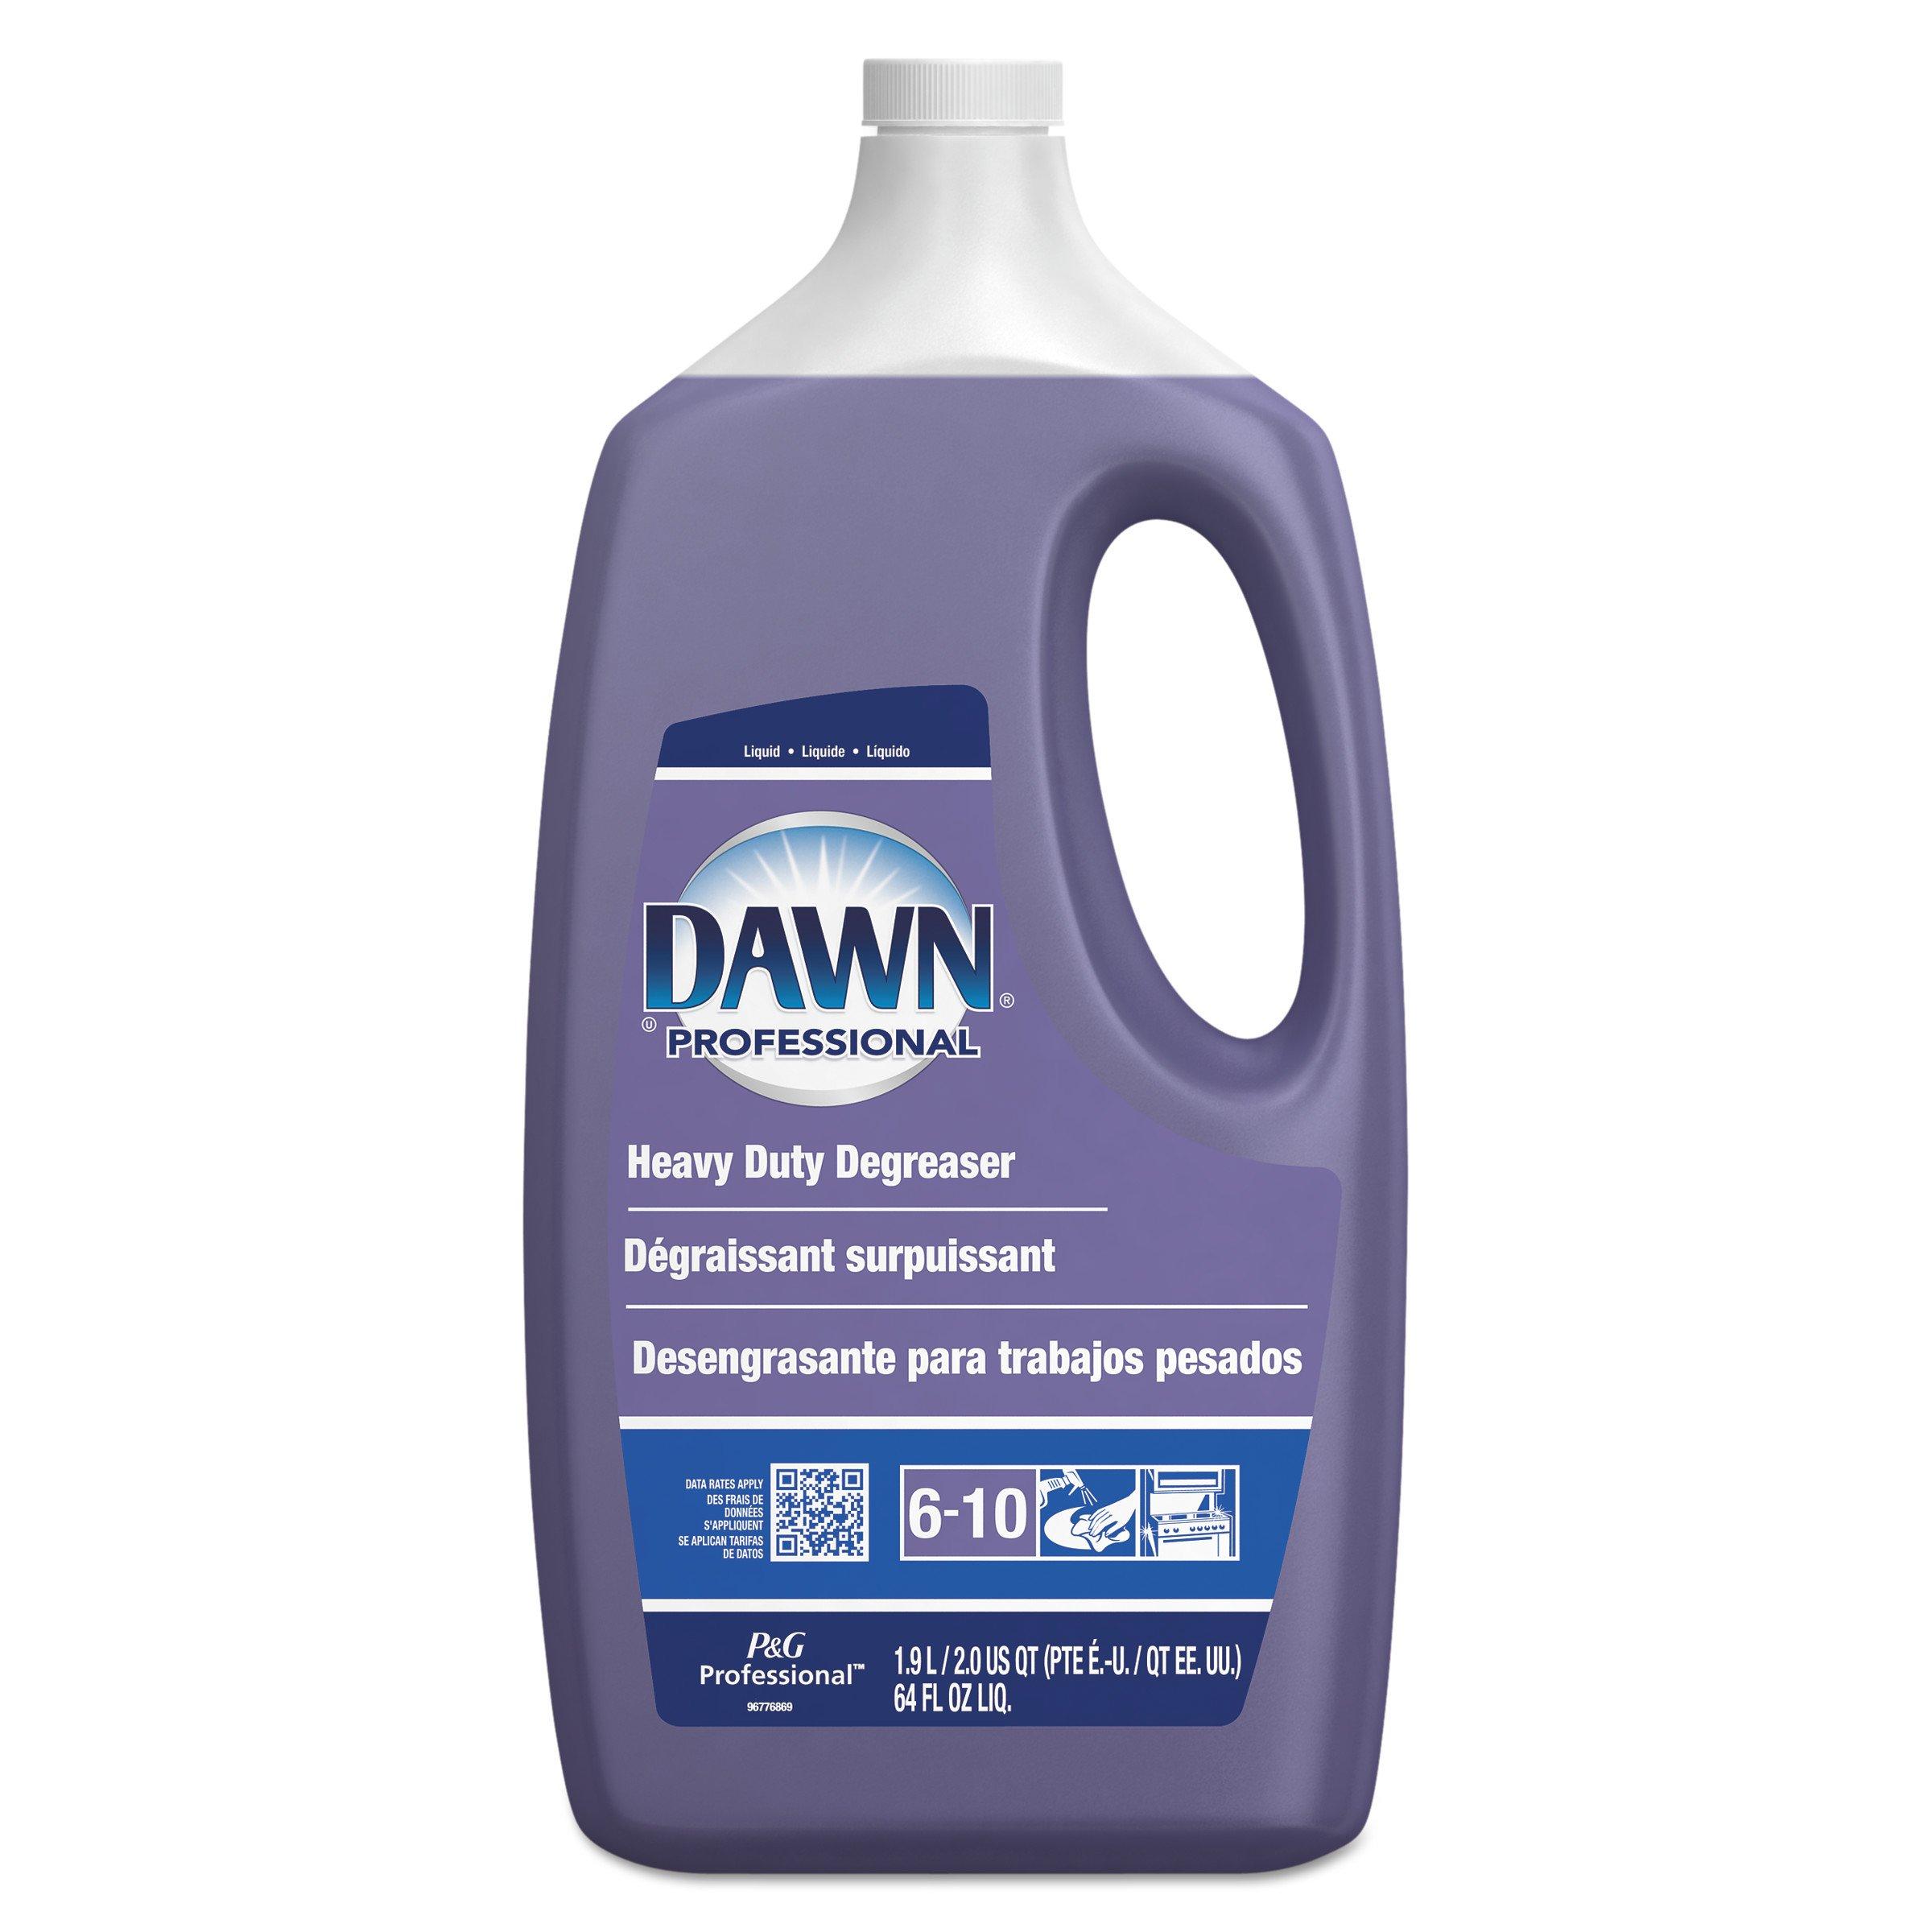 Dawn Professional Heavy Duty Degreaser, 64 oz. (Case of 5)